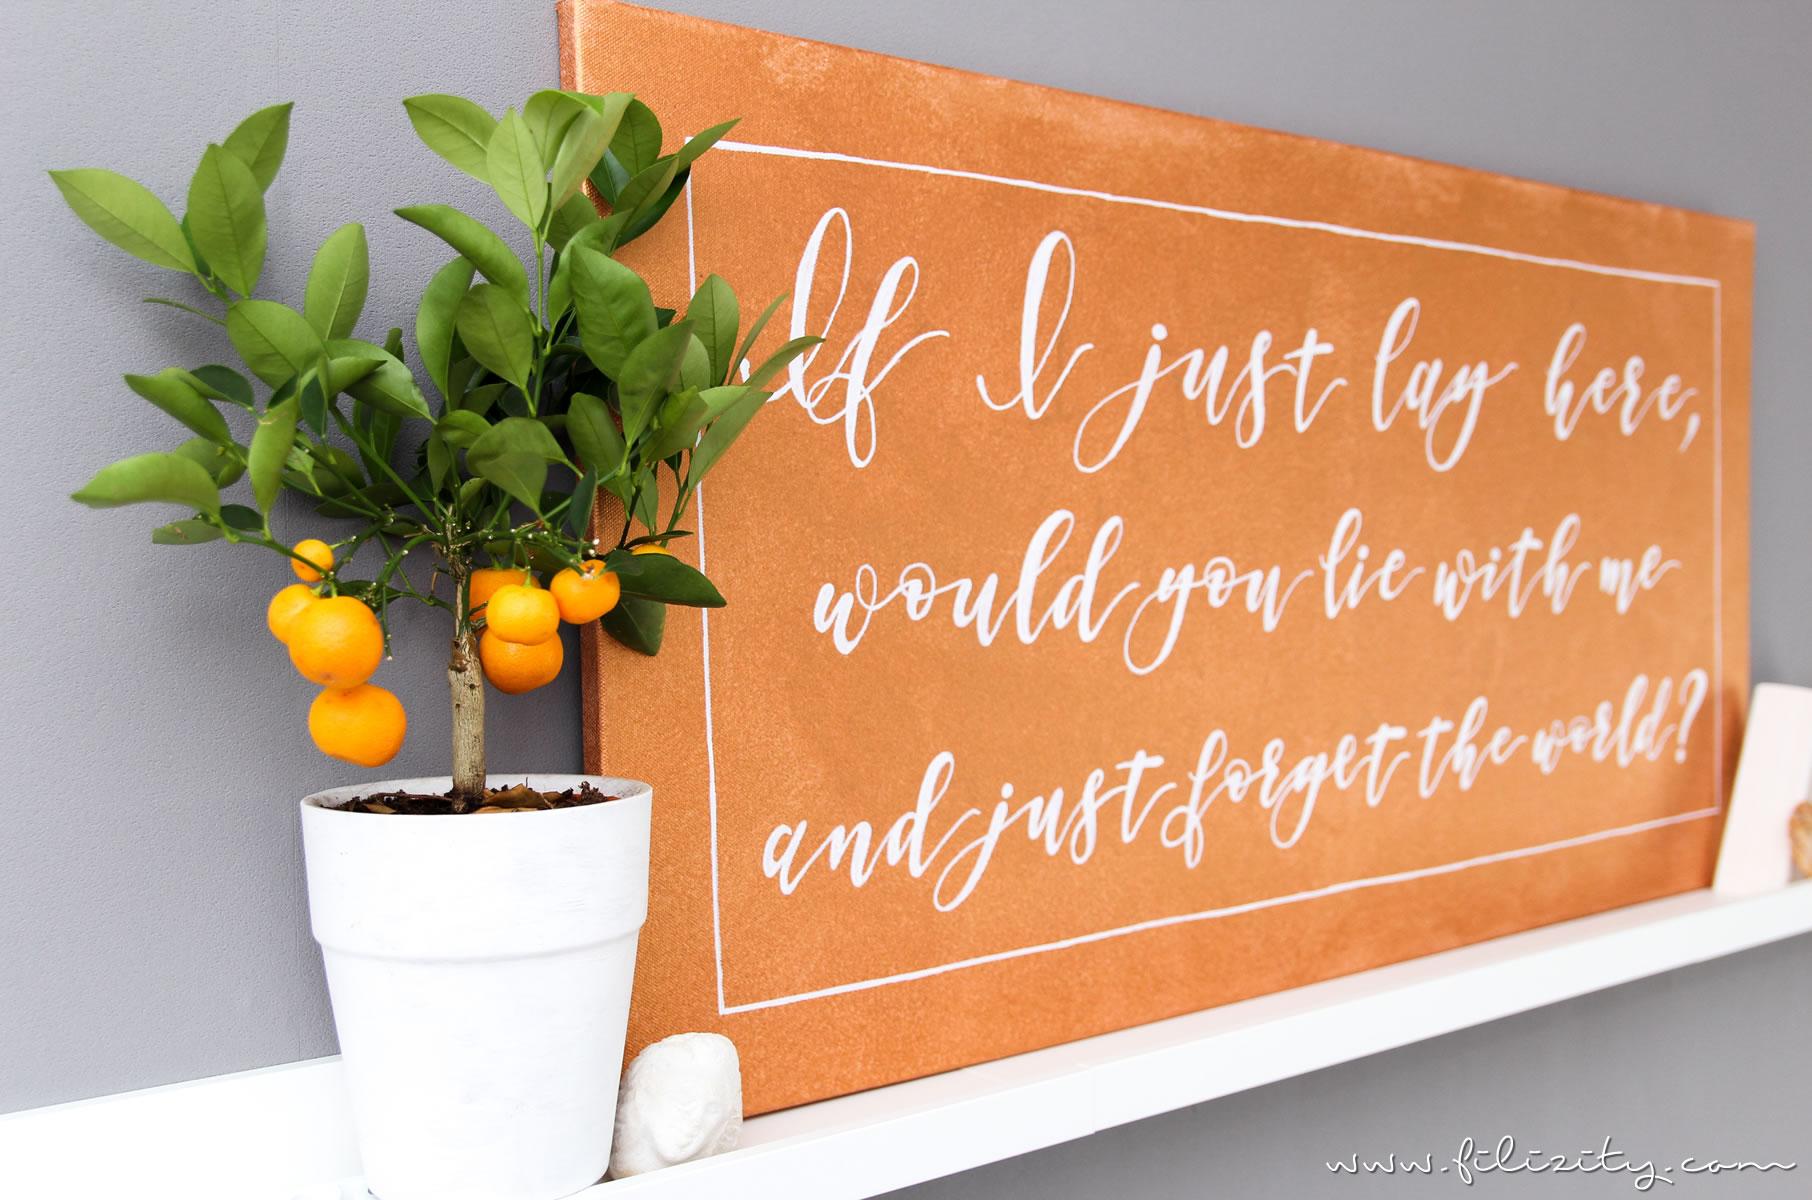 Wanddeko leinwand mit handlettering quotes - Leinwand mit spruch ...